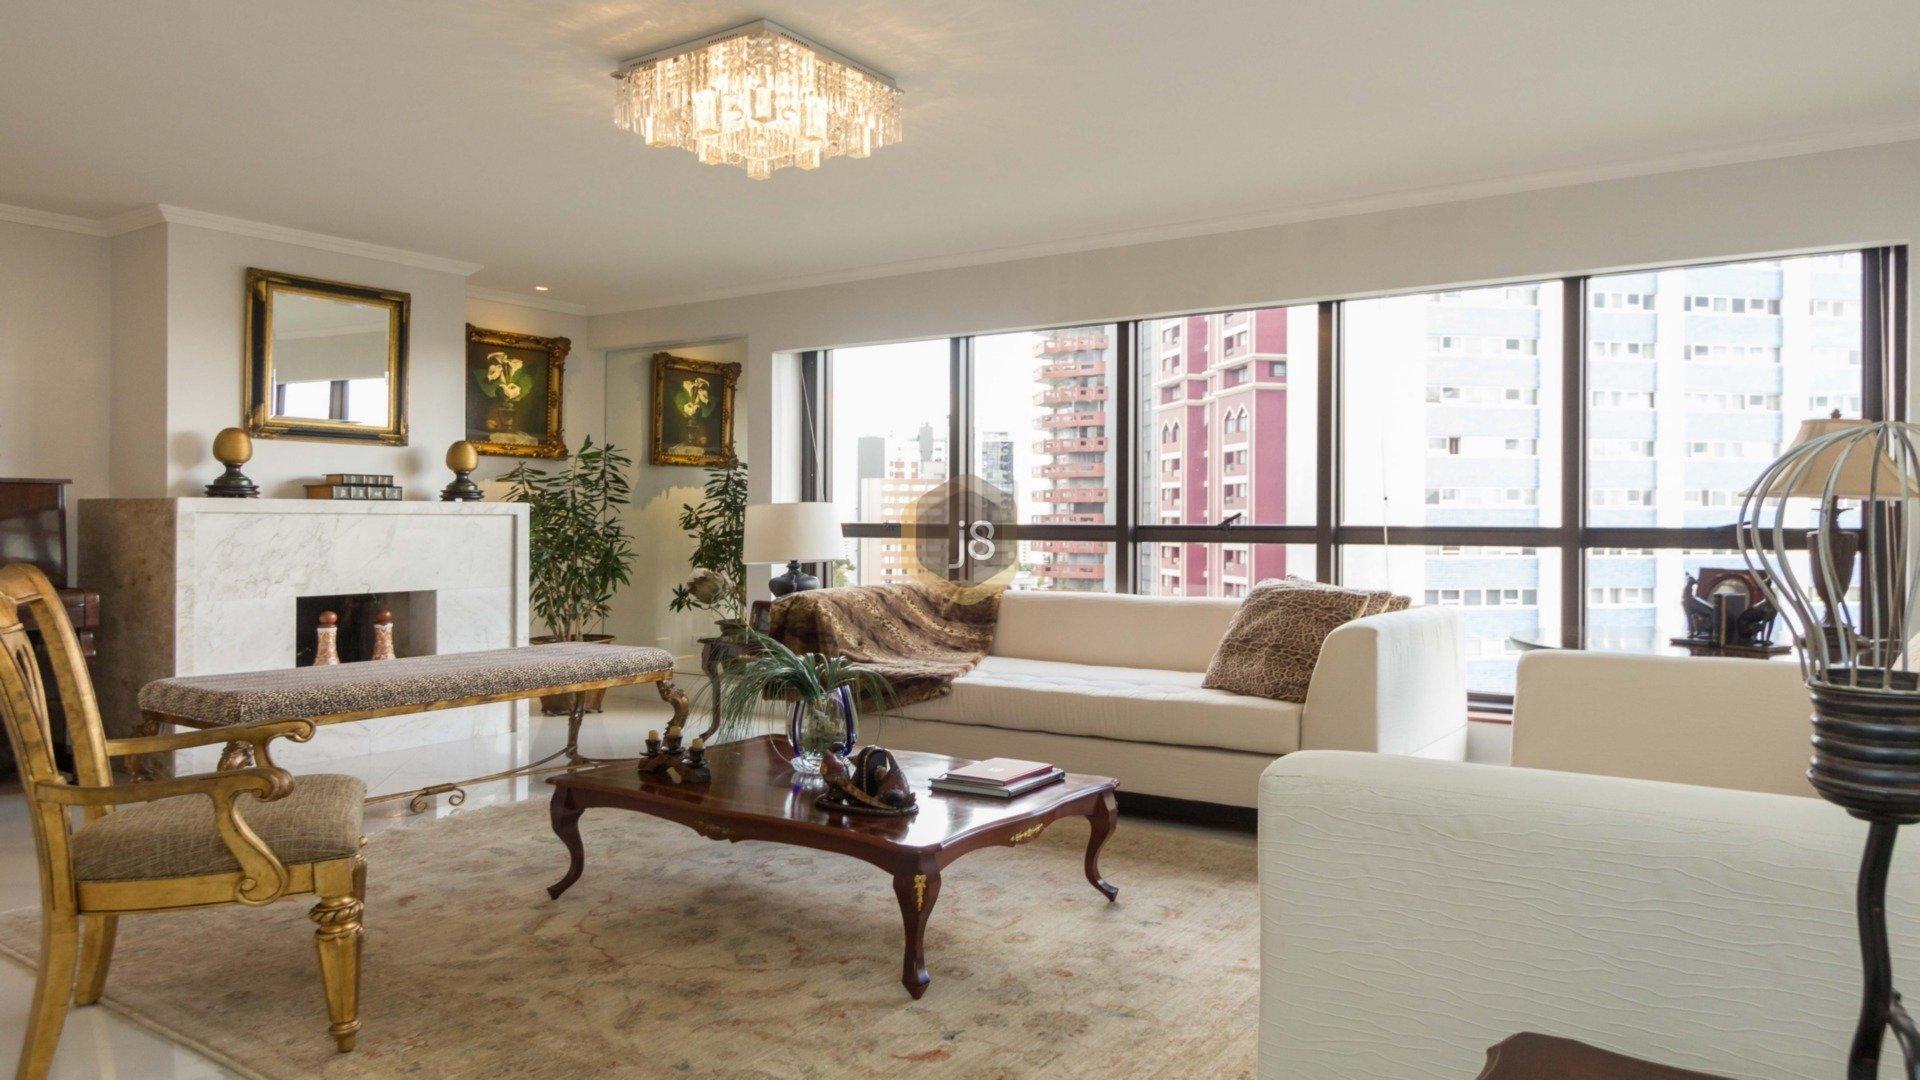 Foto de destaque Lindíssimo apartamento com 4 dormitórios e 3 vagas no batel